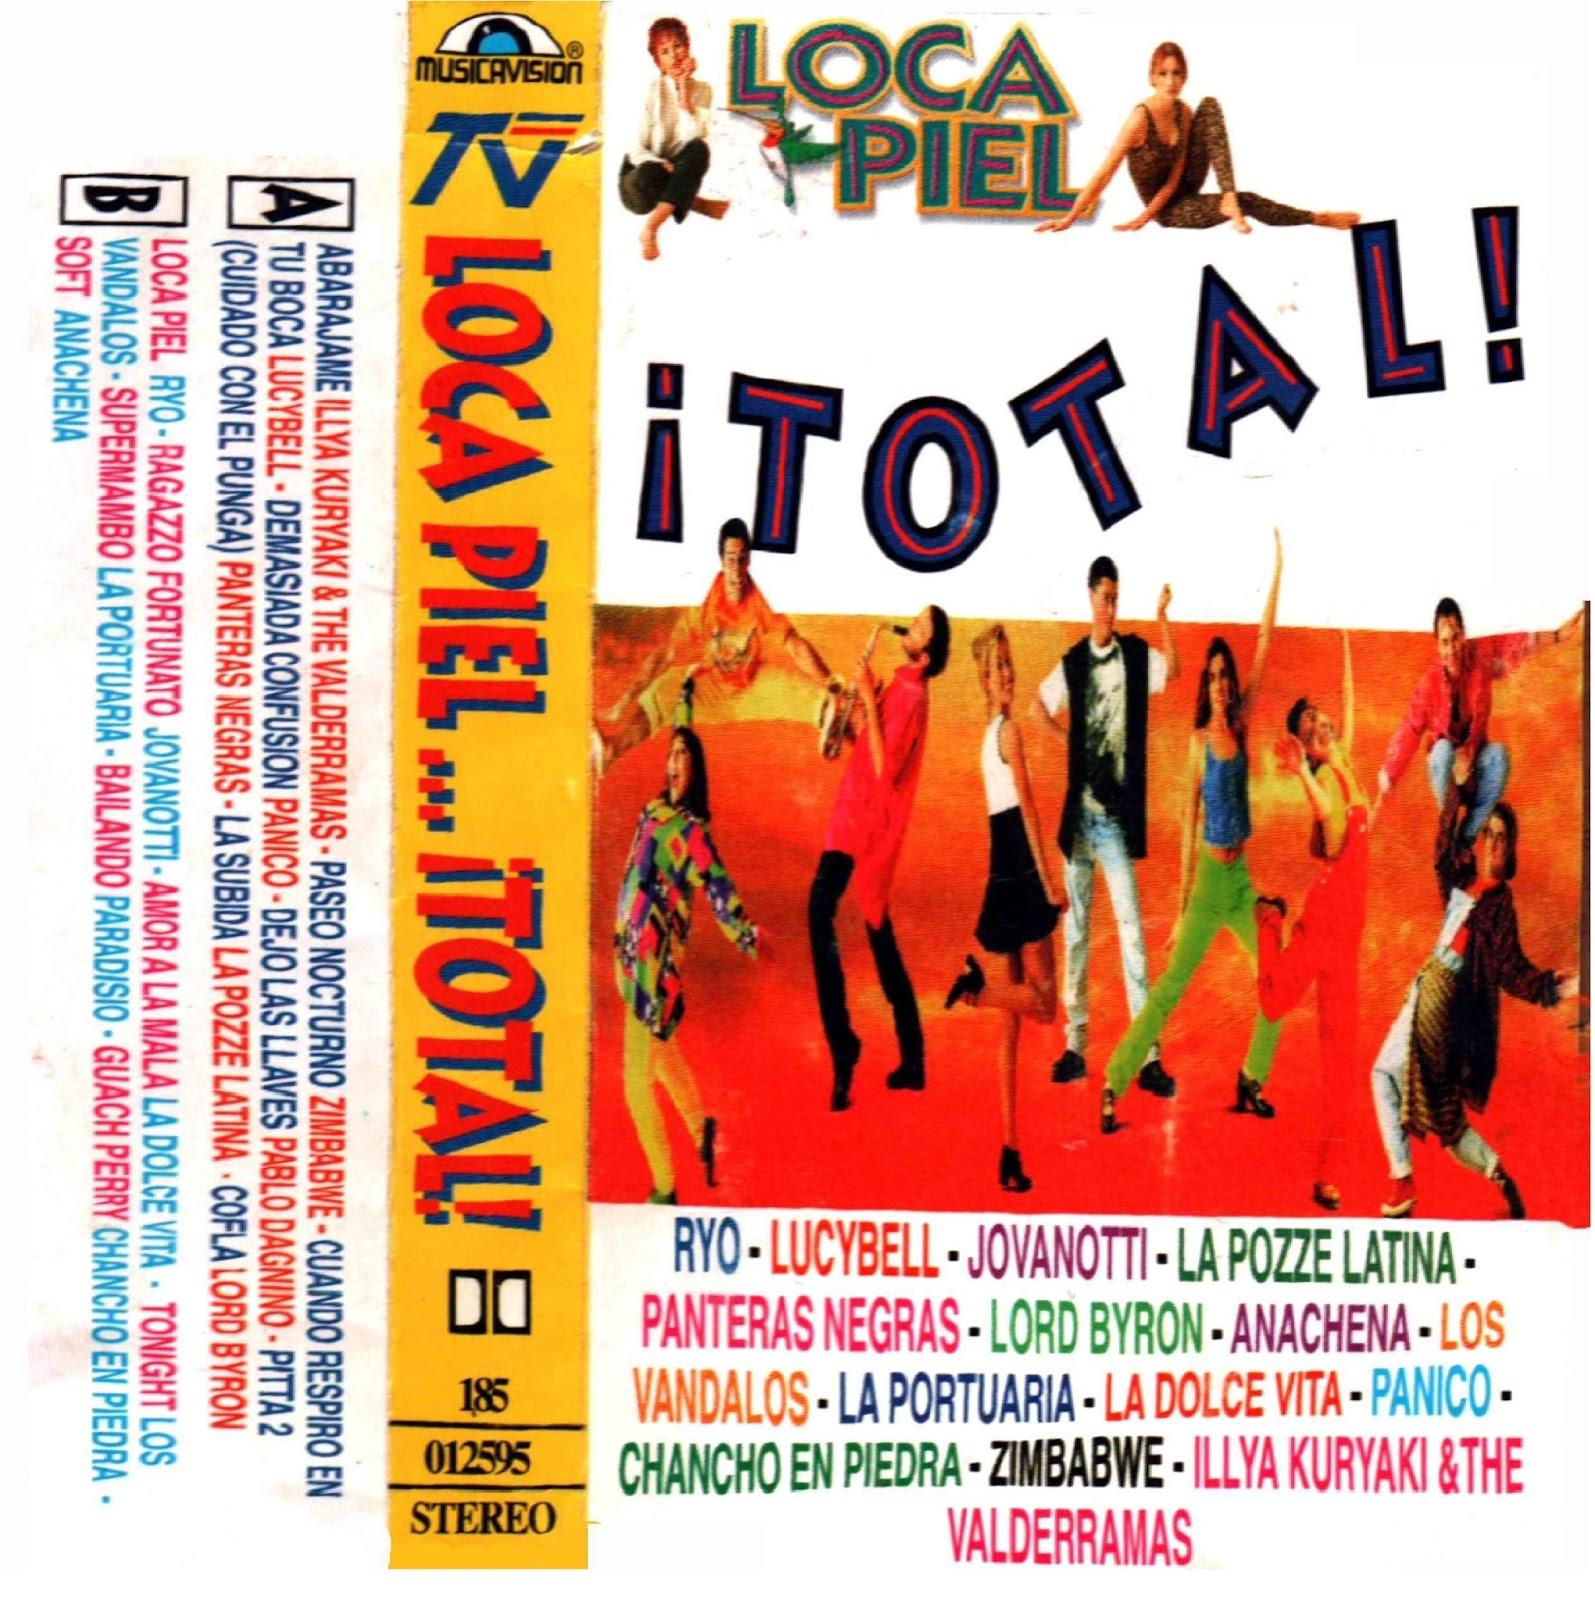 Loca Piel... Total (1996)